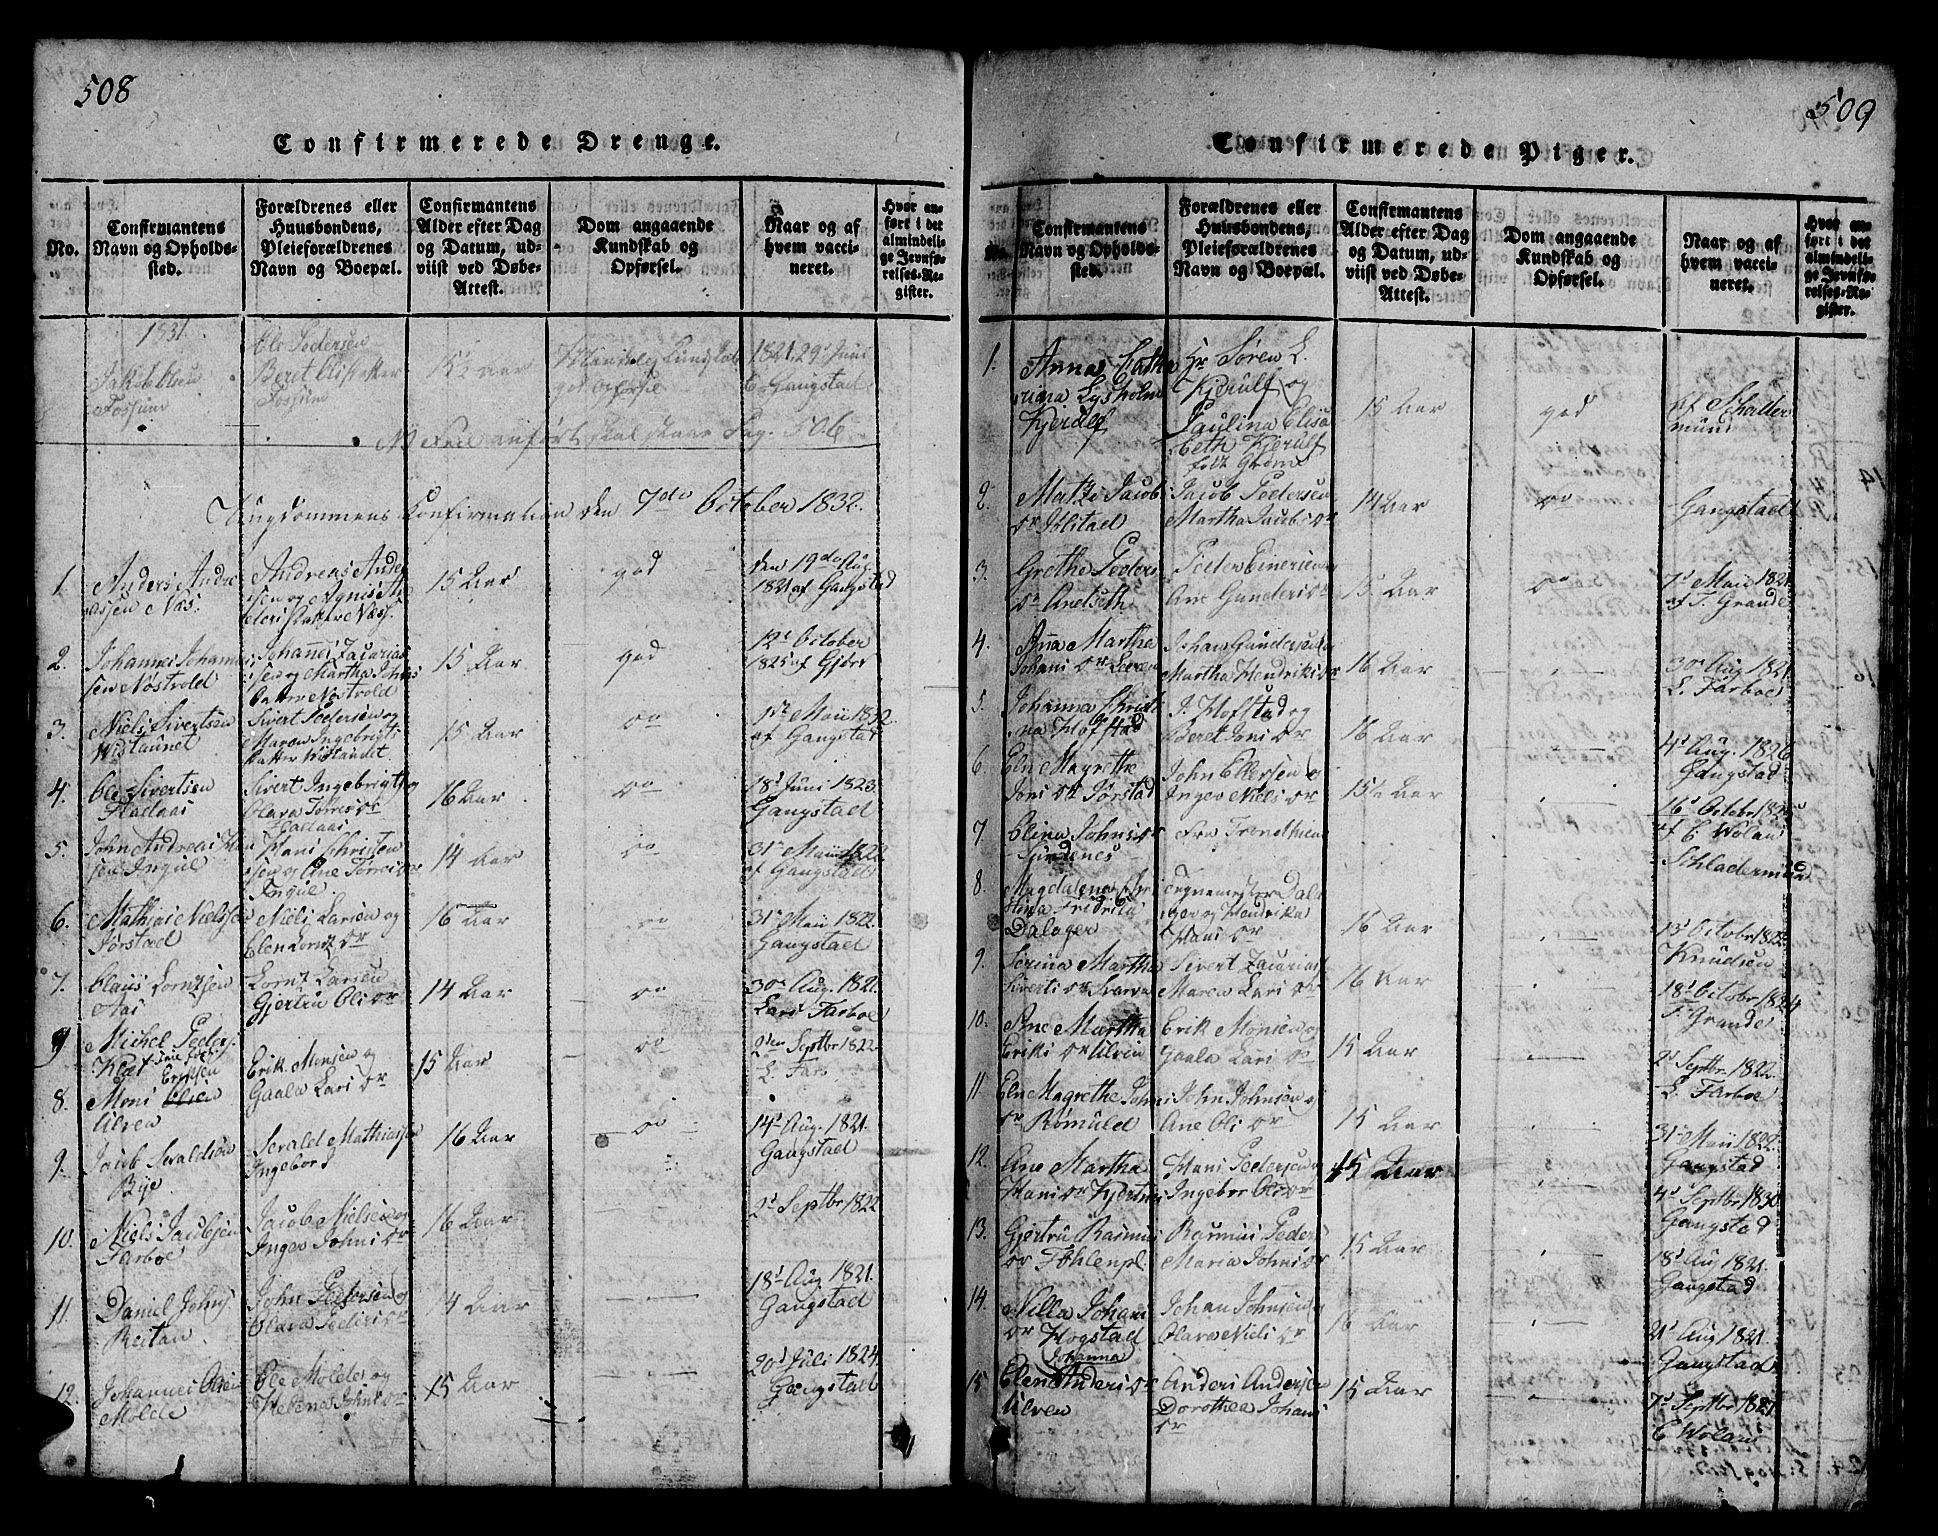 SAT, Ministerialprotokoller, klokkerbøker og fødselsregistre - Nord-Trøndelag, 730/L0298: Klokkerbok nr. 730C01, 1816-1849, s. 508-509